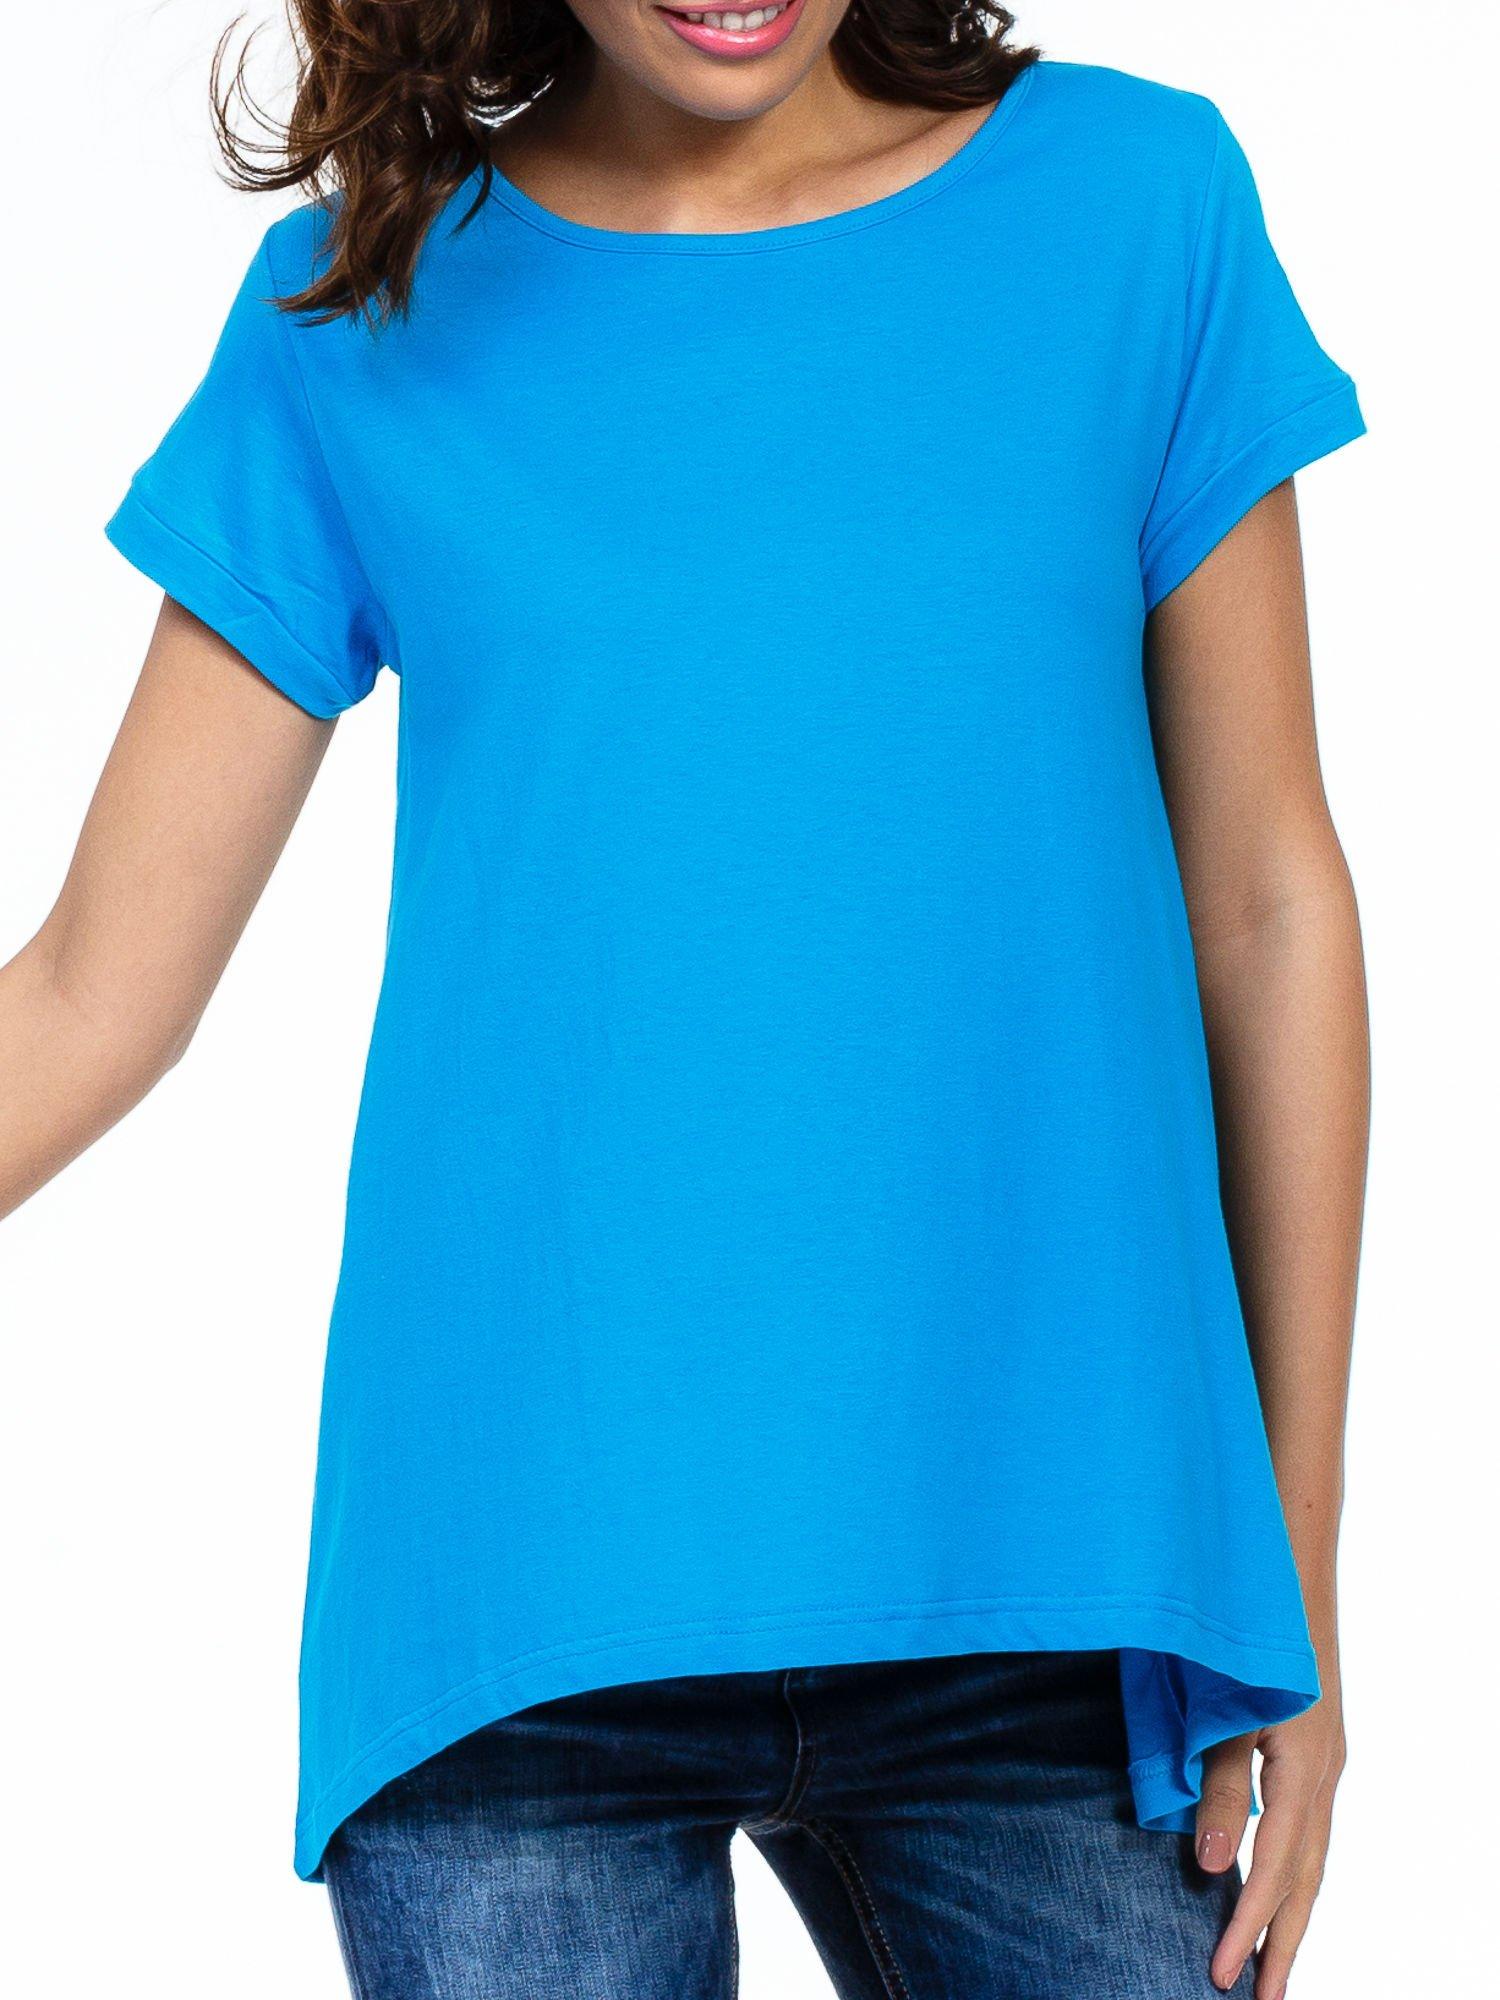 Niebieski luźny t-shirt                                   zdj.                                  5